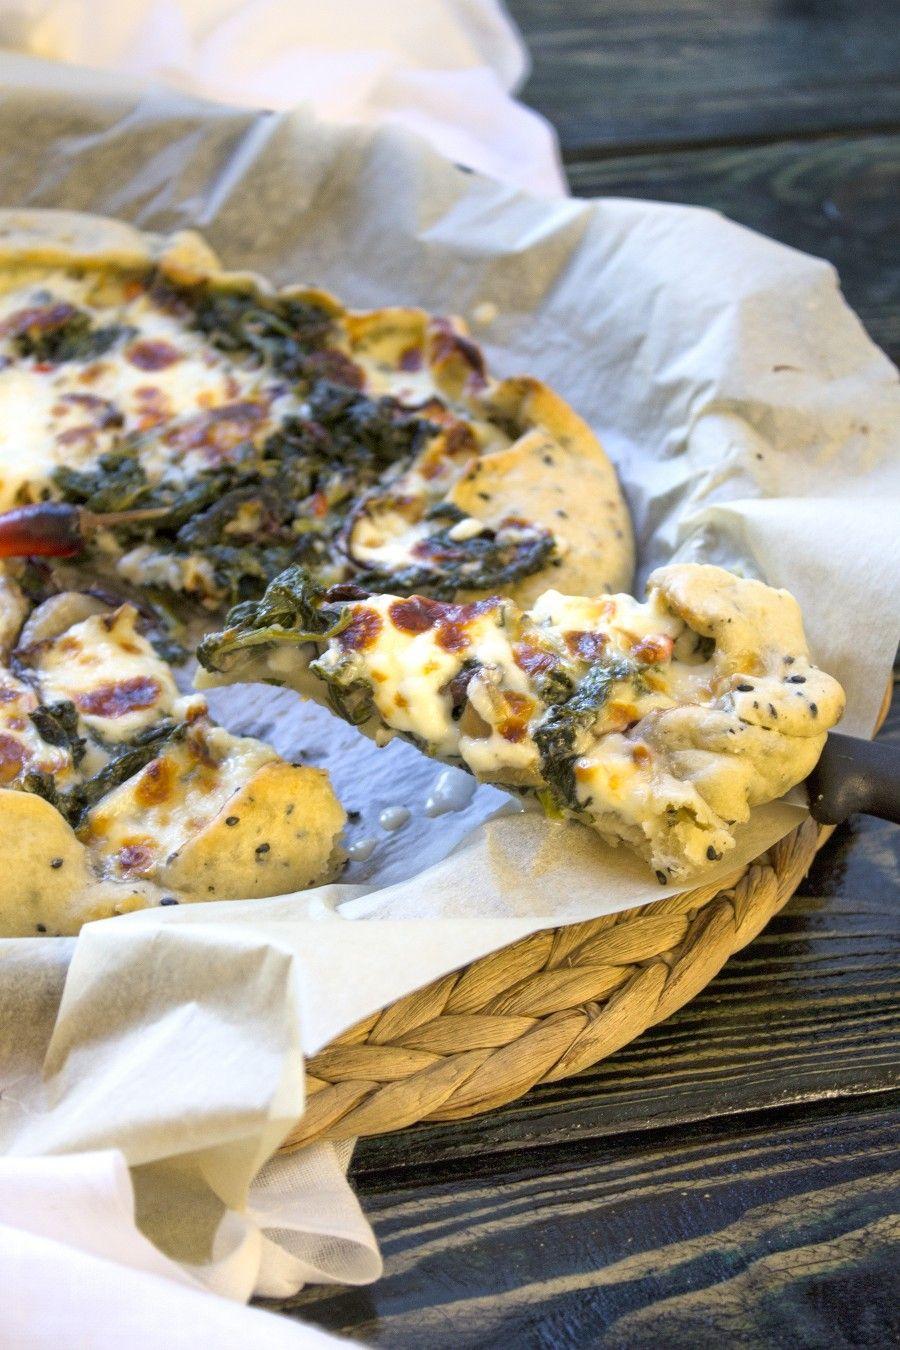 torta-salata-cime-di-rapa-squacquerone-contemporaneo-food